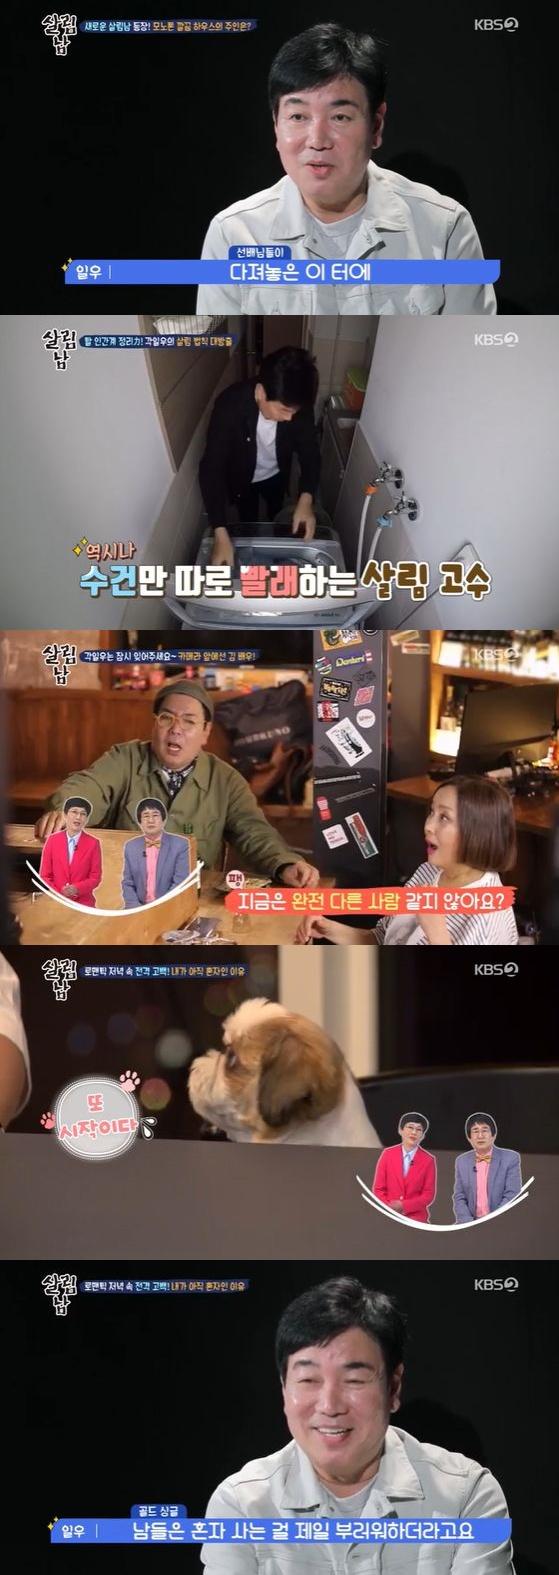 /사진= KBS 2TV '살림하는 남자들 시즌 2' 방송화면 캡쳐